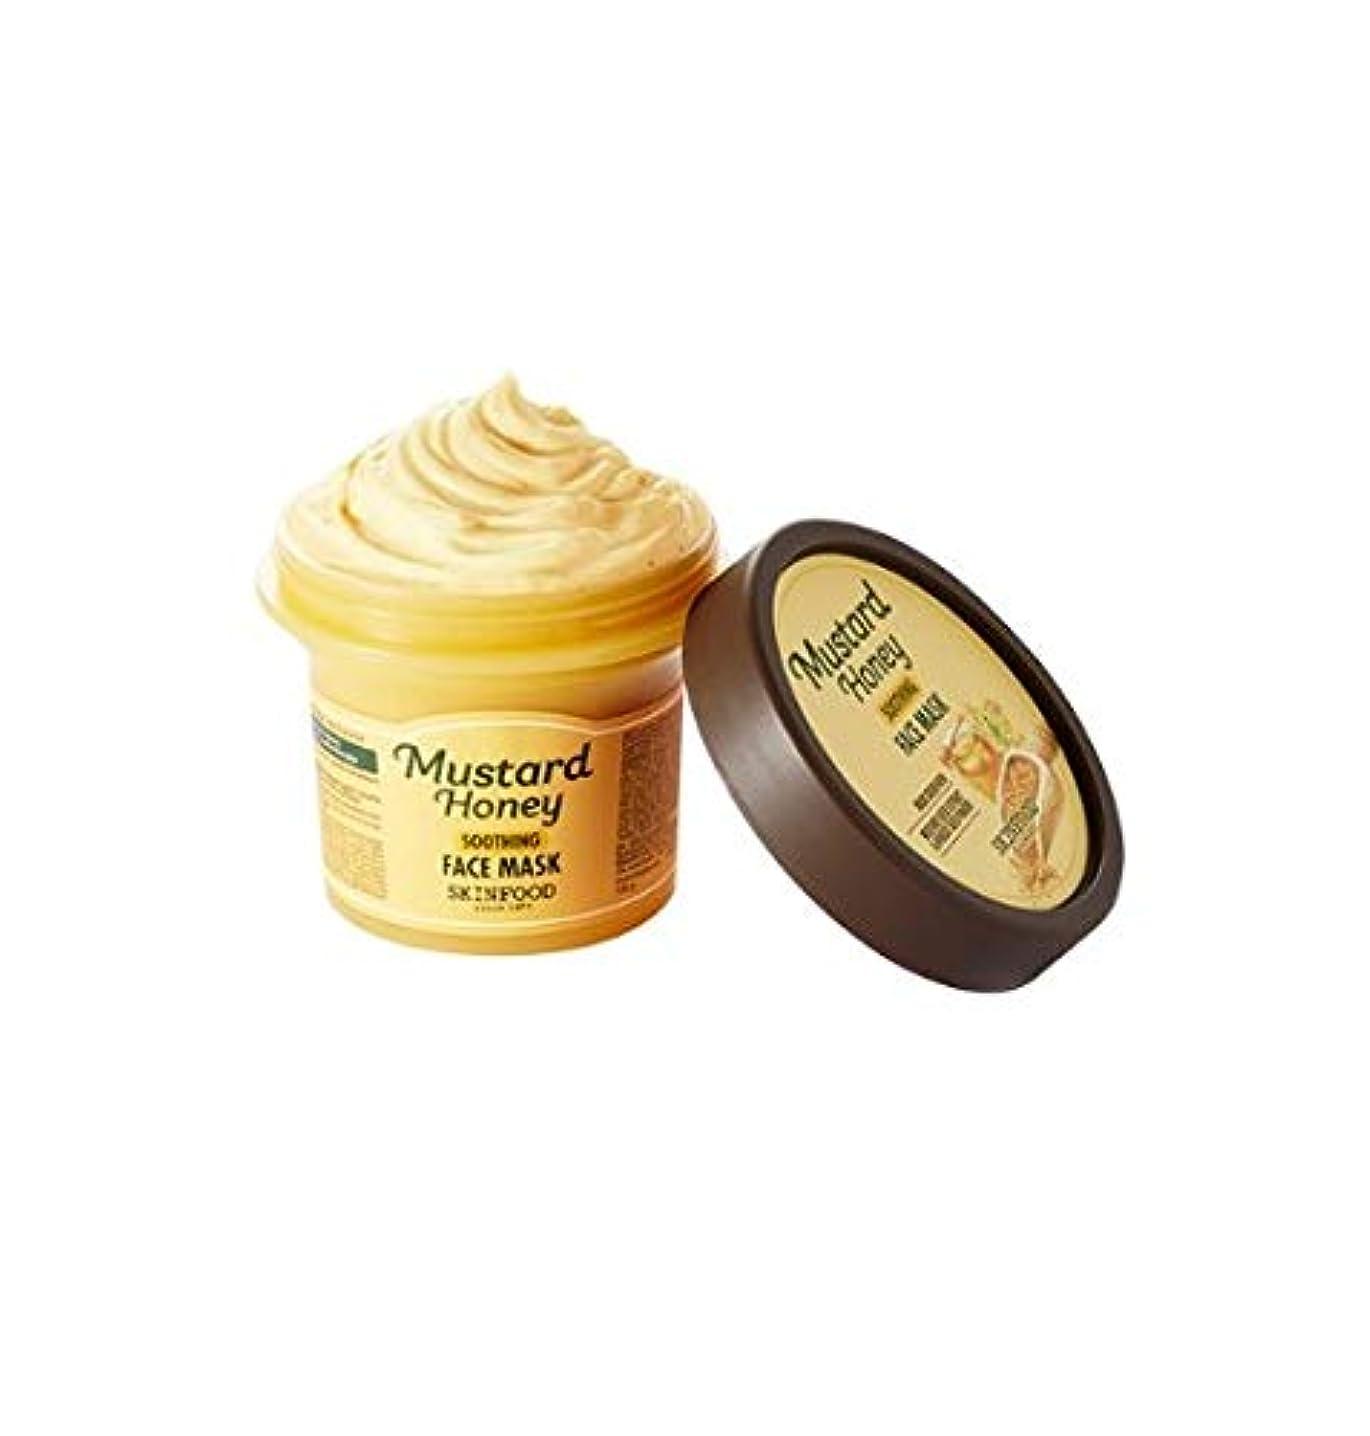 サイバースペース反発するクリップSkinfood マスタードハニースージングフェイスマスク/mustard honey soothing face mask 100g [並行輸入品]